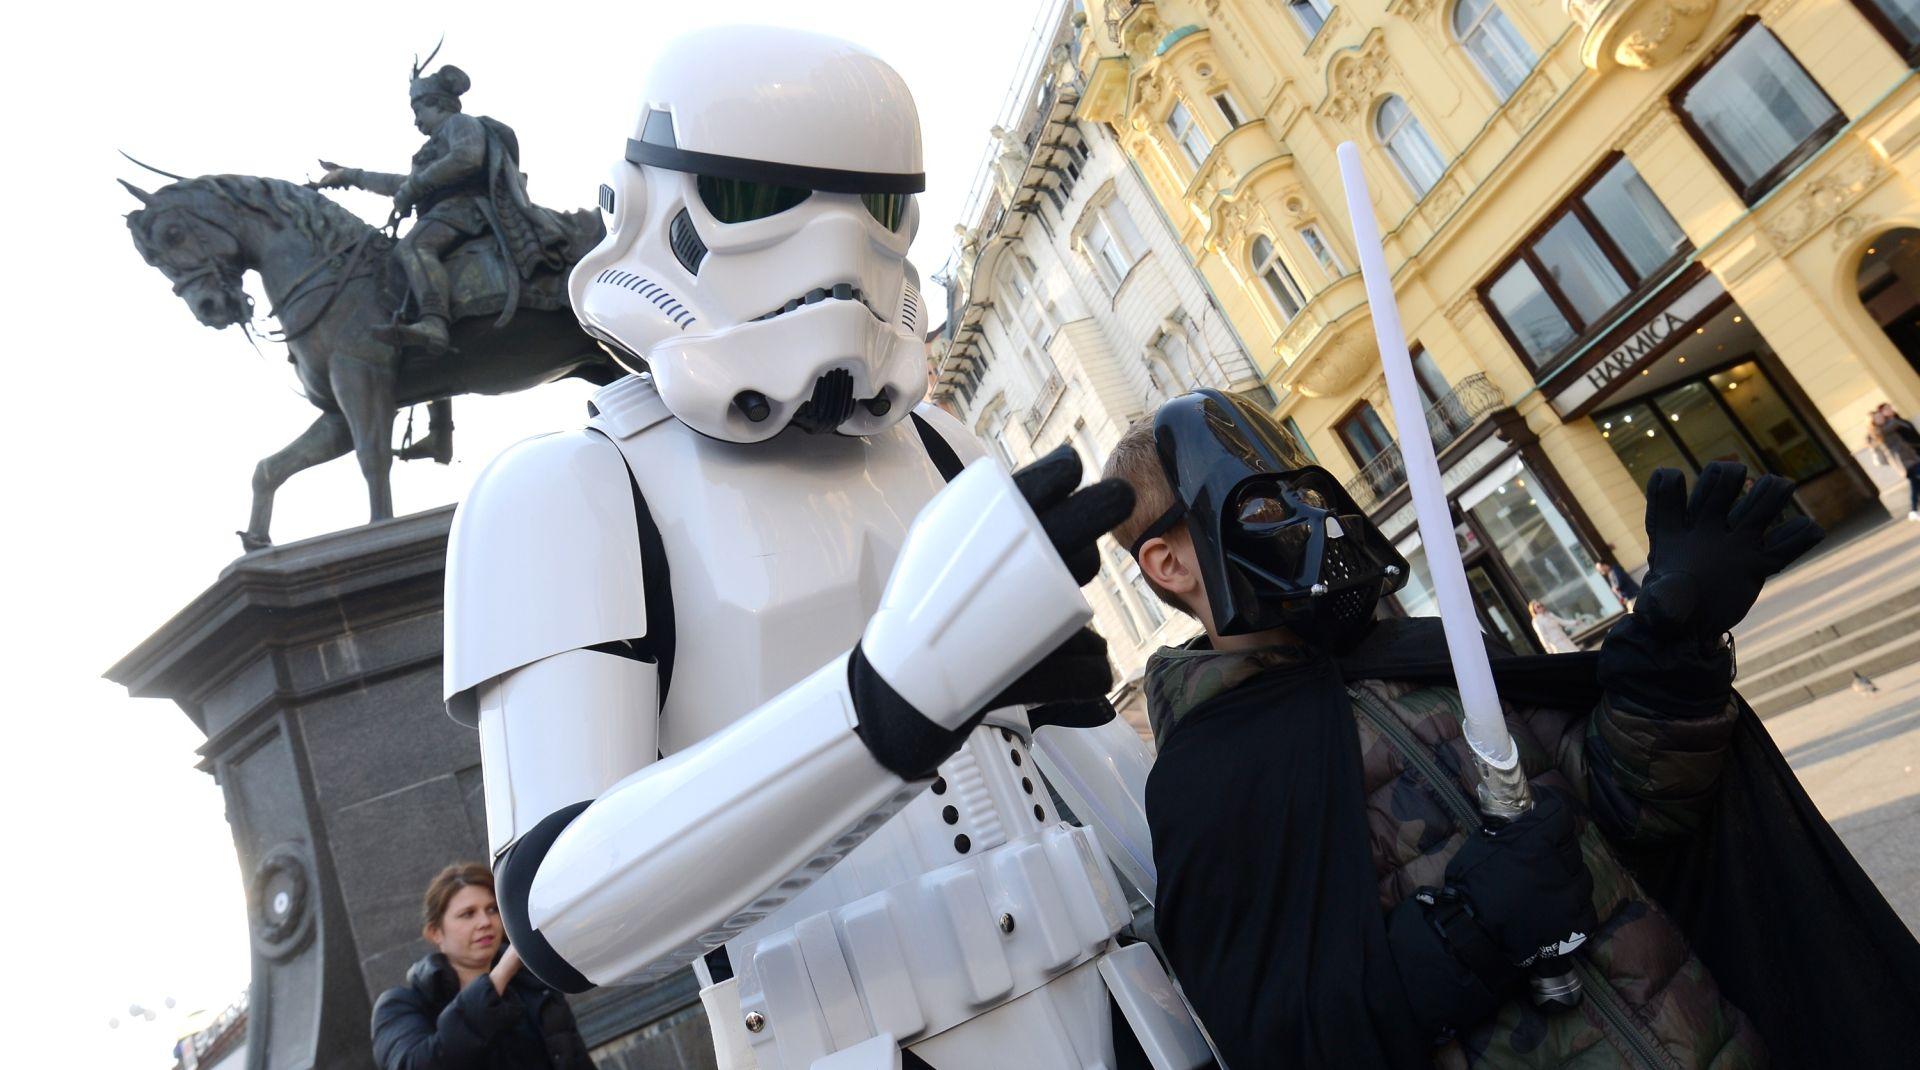 FOTO: MAY THE 4TH BE WITH YOU U Zagrebu obilježen međunarodni Star Wars Day